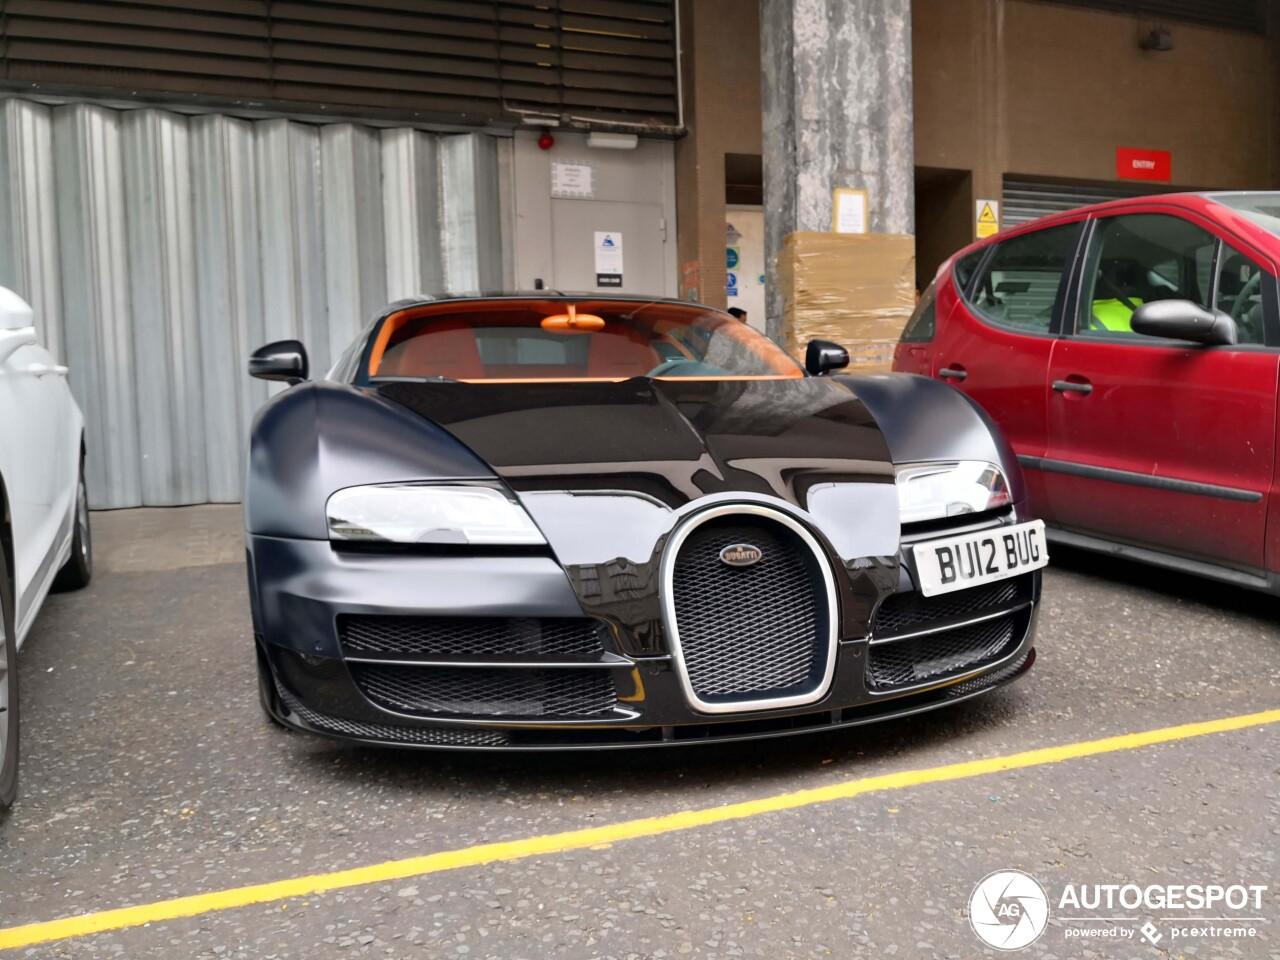 Bugatti Veyron 16 4 Super Sport Sang Noir 7 July 2019 Autogespot